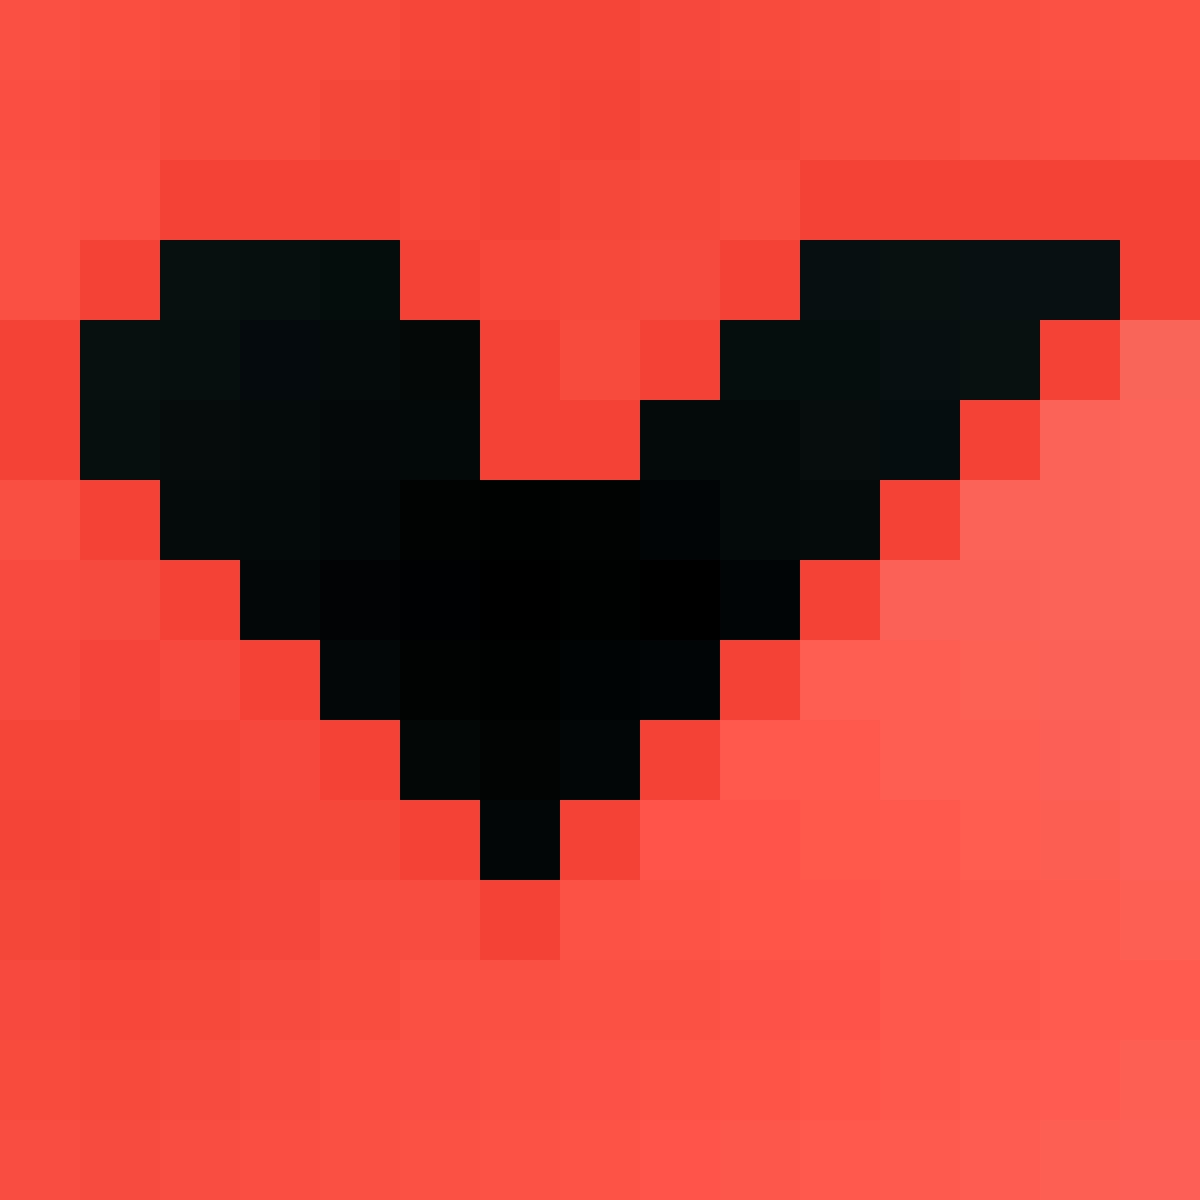 Heart by EJB